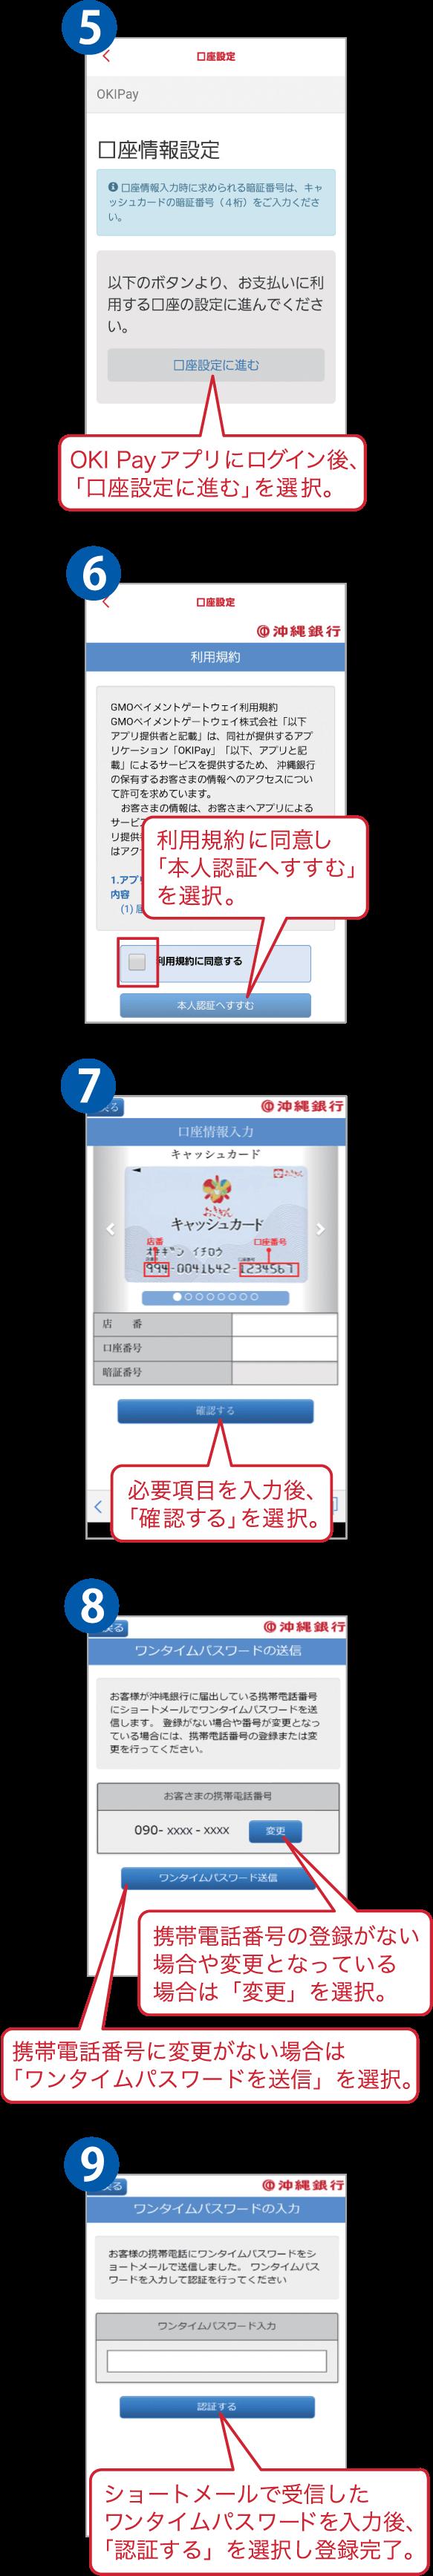 アプリ 残高 ゆうちょ 銀行